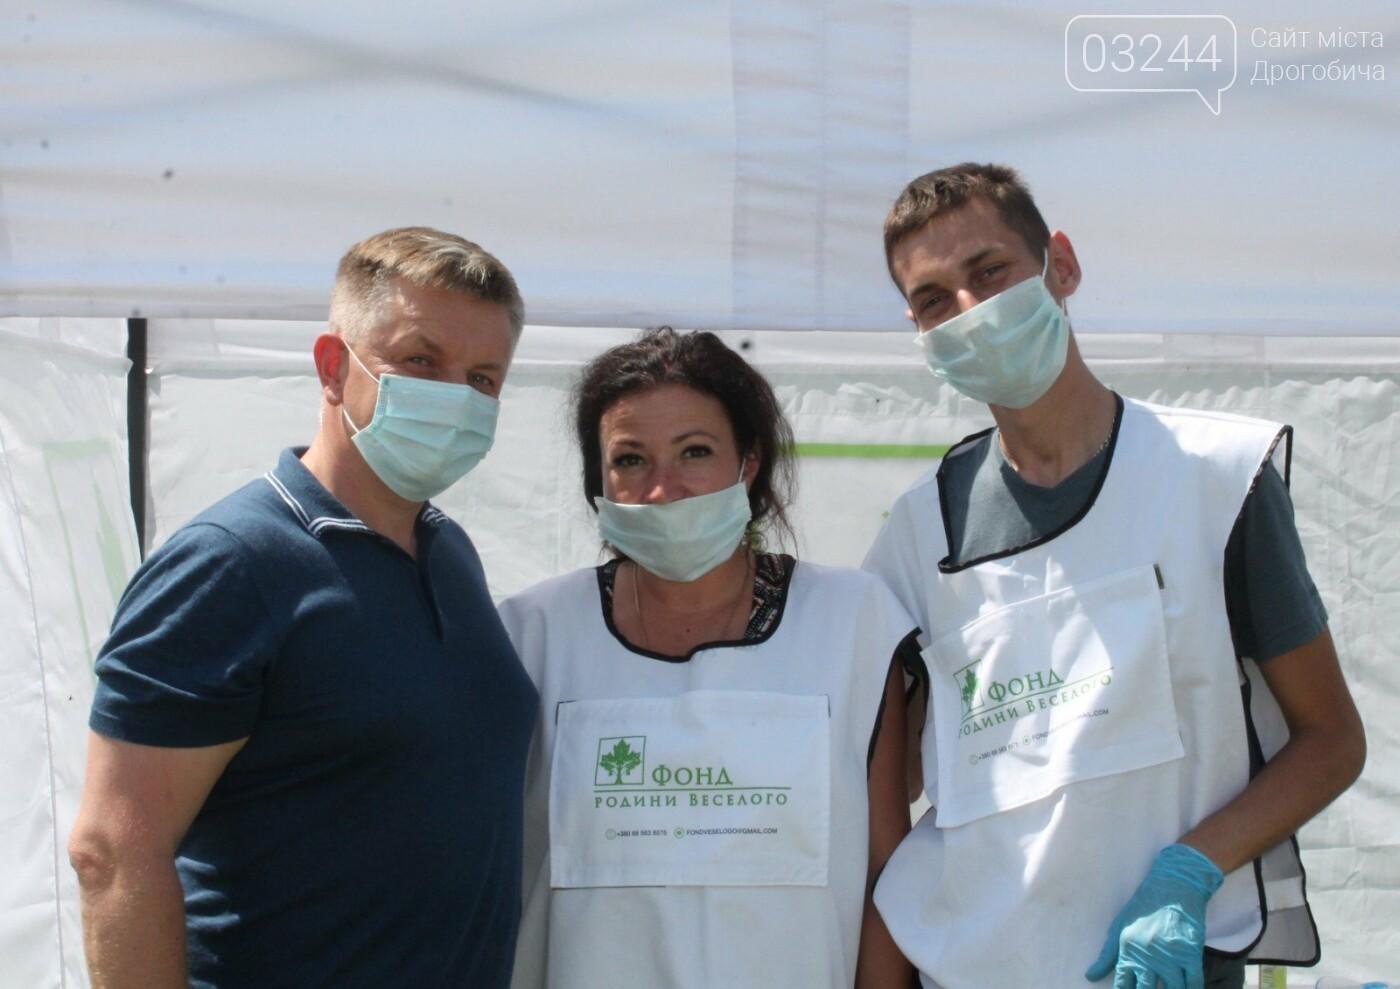 Понад шість тисяч мешканців Дрогобиччини пройшли безкоштовну діагностику, фото-3